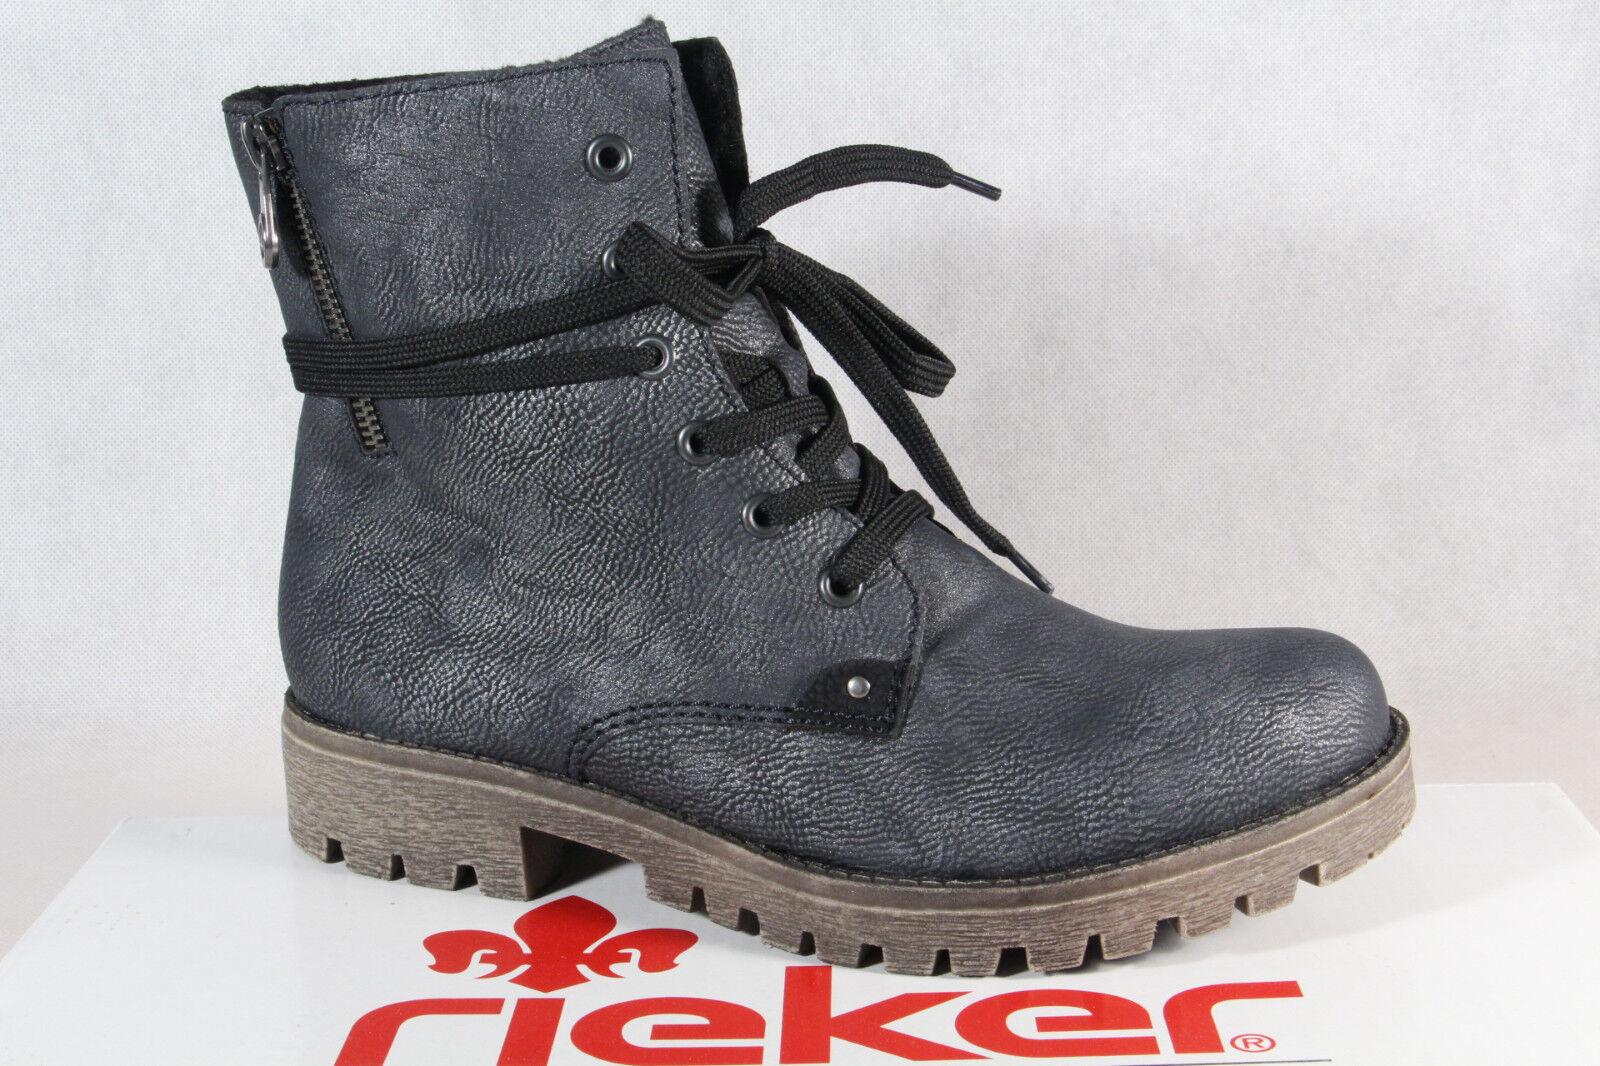 Rieker Damen Stiefel Stiefeletten Schnürstiefel Stiefel blau grau 785G9 NEU